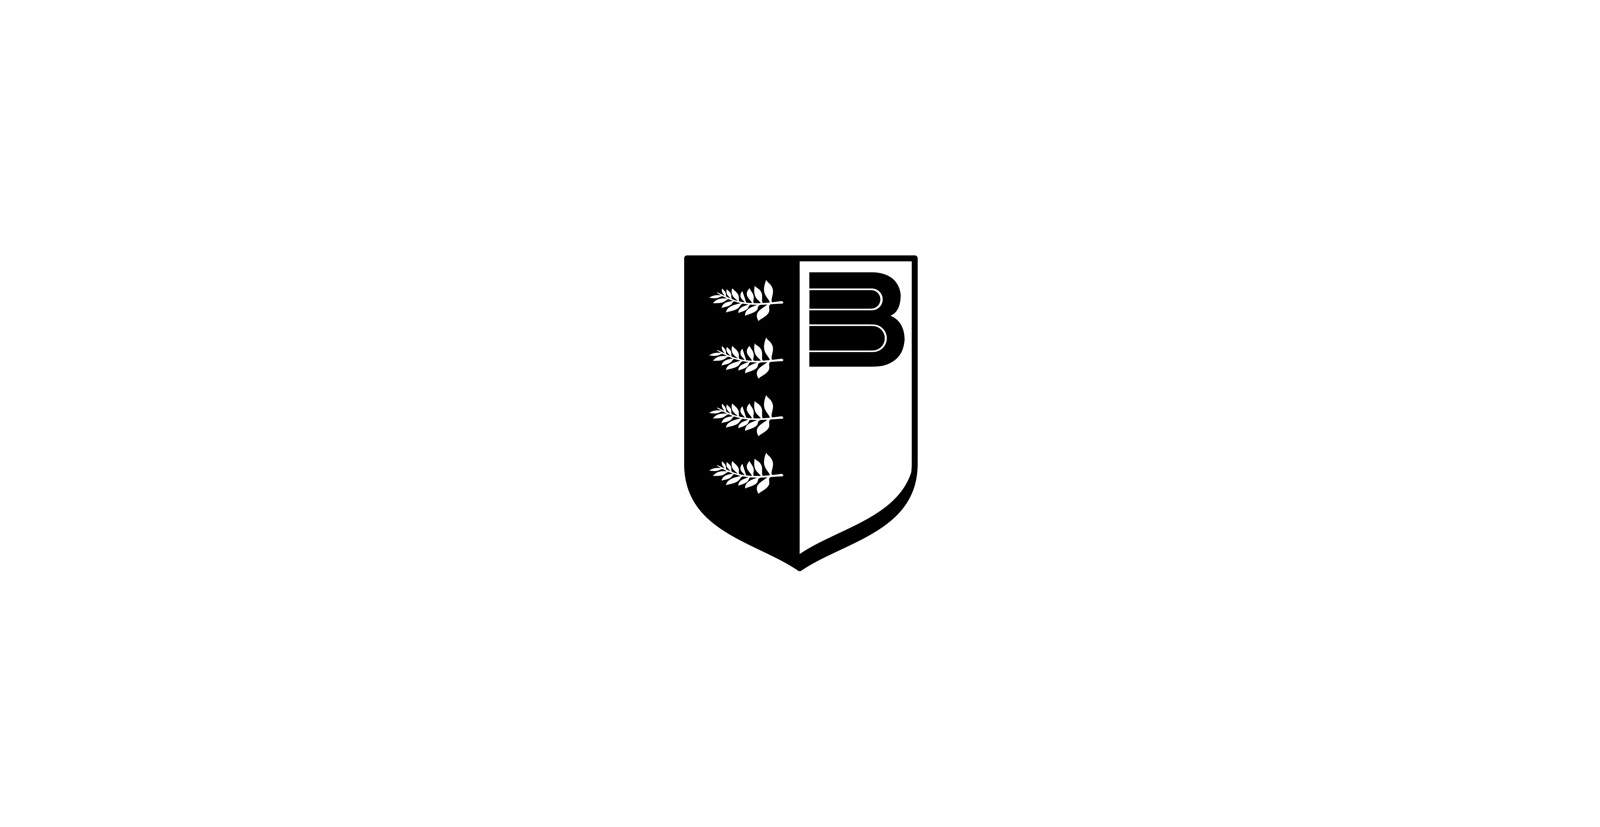 50_logos-14